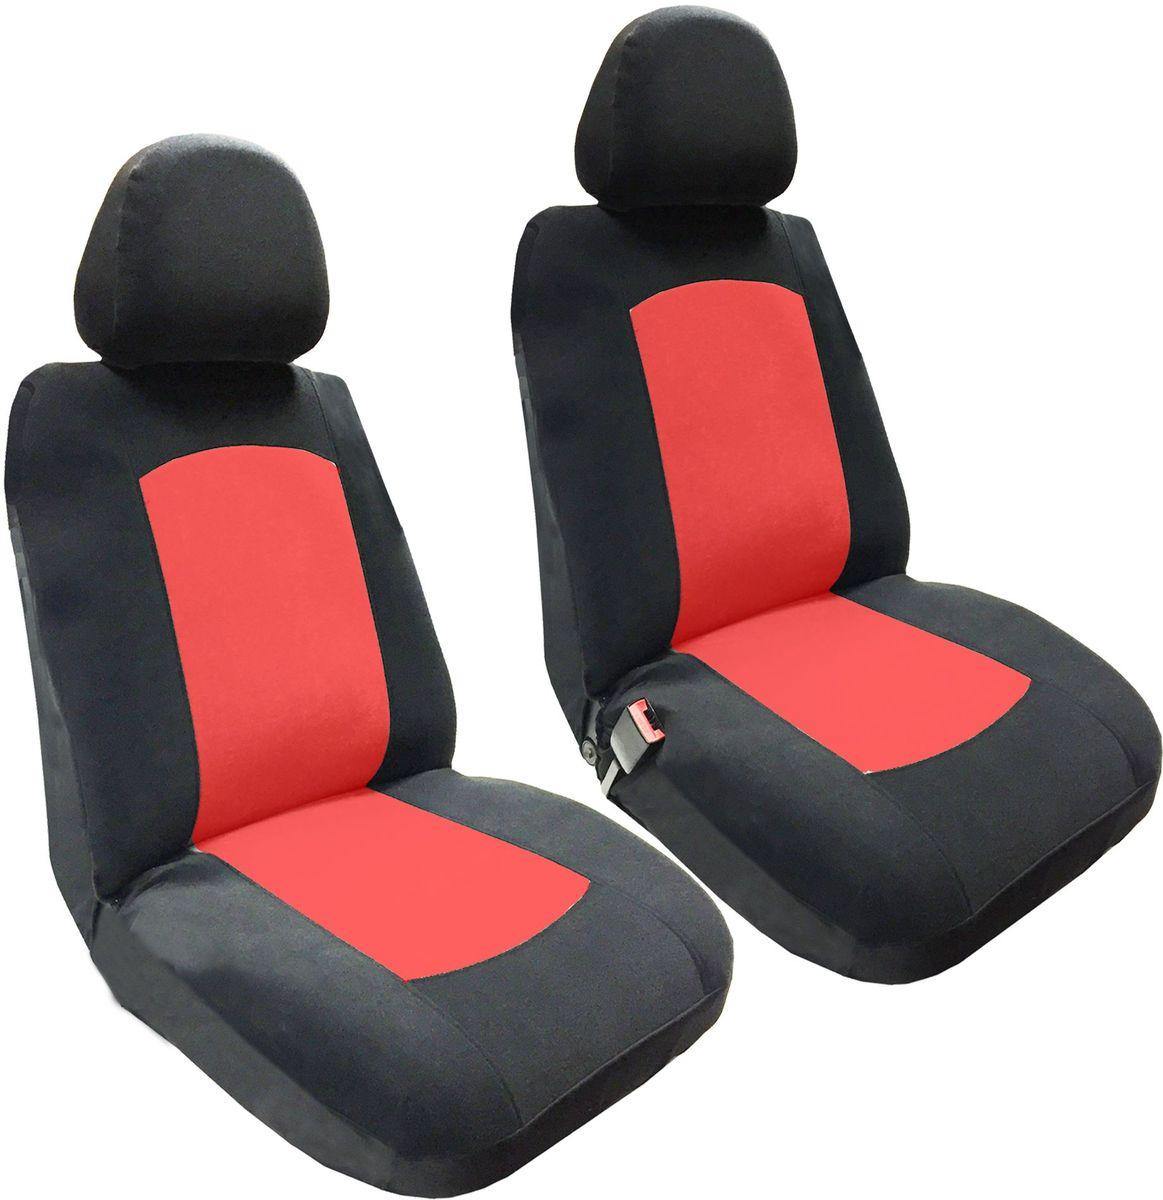 Набор автомобильных чехлов Auto Premium Фрегат, цвет: черный, красный, 4 предмета57203Комлект универсальных чехлов на передние сиденья выполнен из велюра, предназначен для передних кресел автомобиля. На задней спинке чехла расположен вшивной карман. В комплект входят съемные чехлы для подголовников .Практичный и долговечный комплект чехлов для передних сидений надежно защищает сиденье водителя и пассажира от механических повреждений, загрязнений и износа.